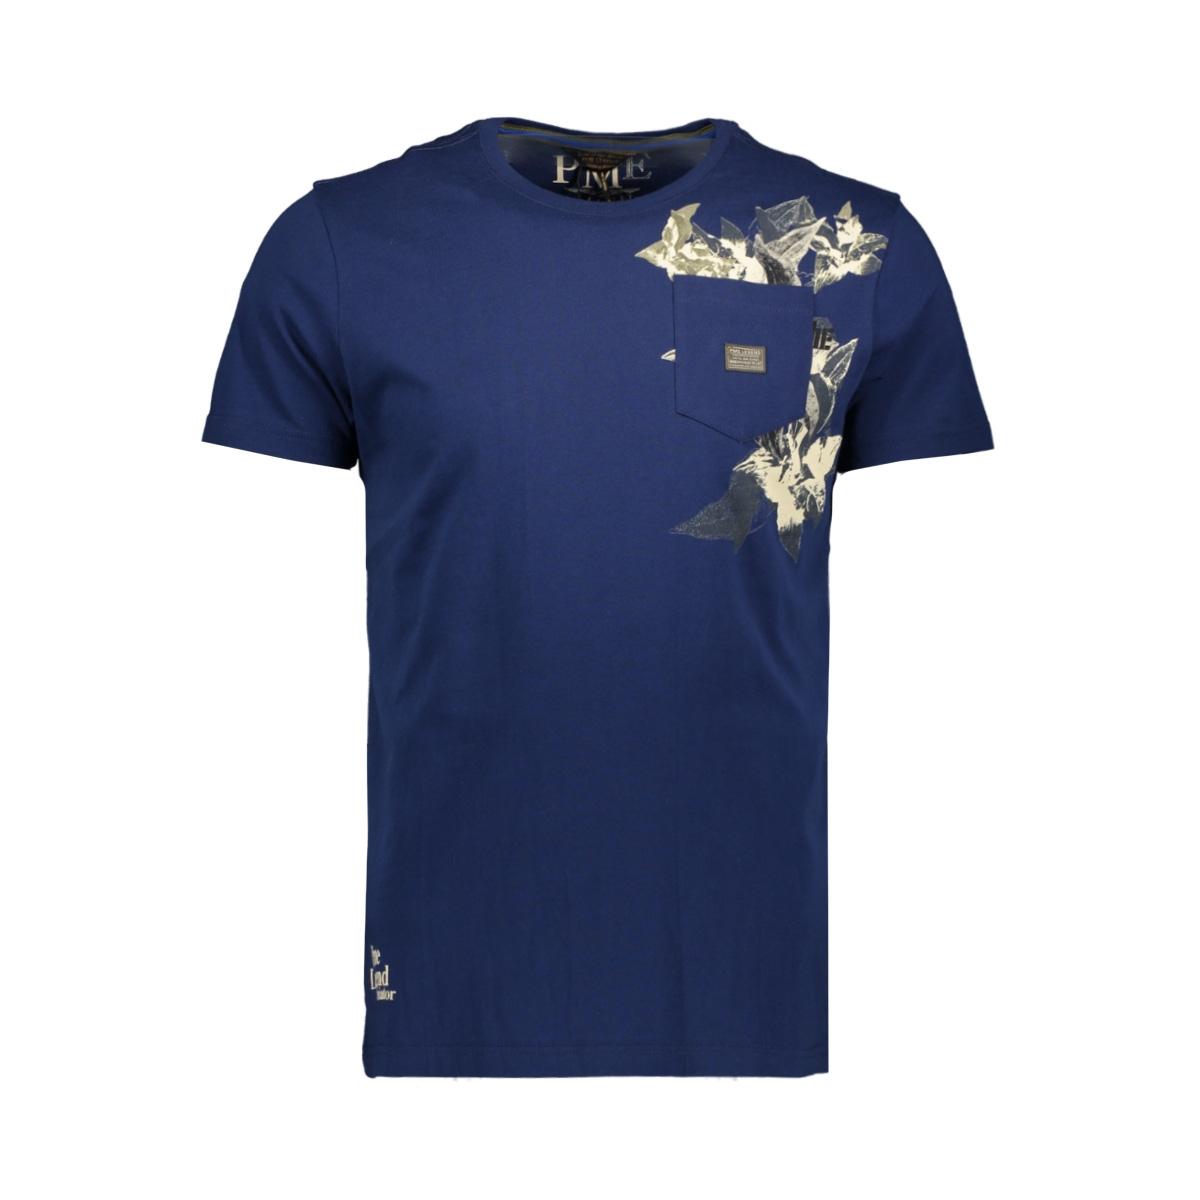 short sleeve shirt ptss205593 pme legend t-shirt 5028